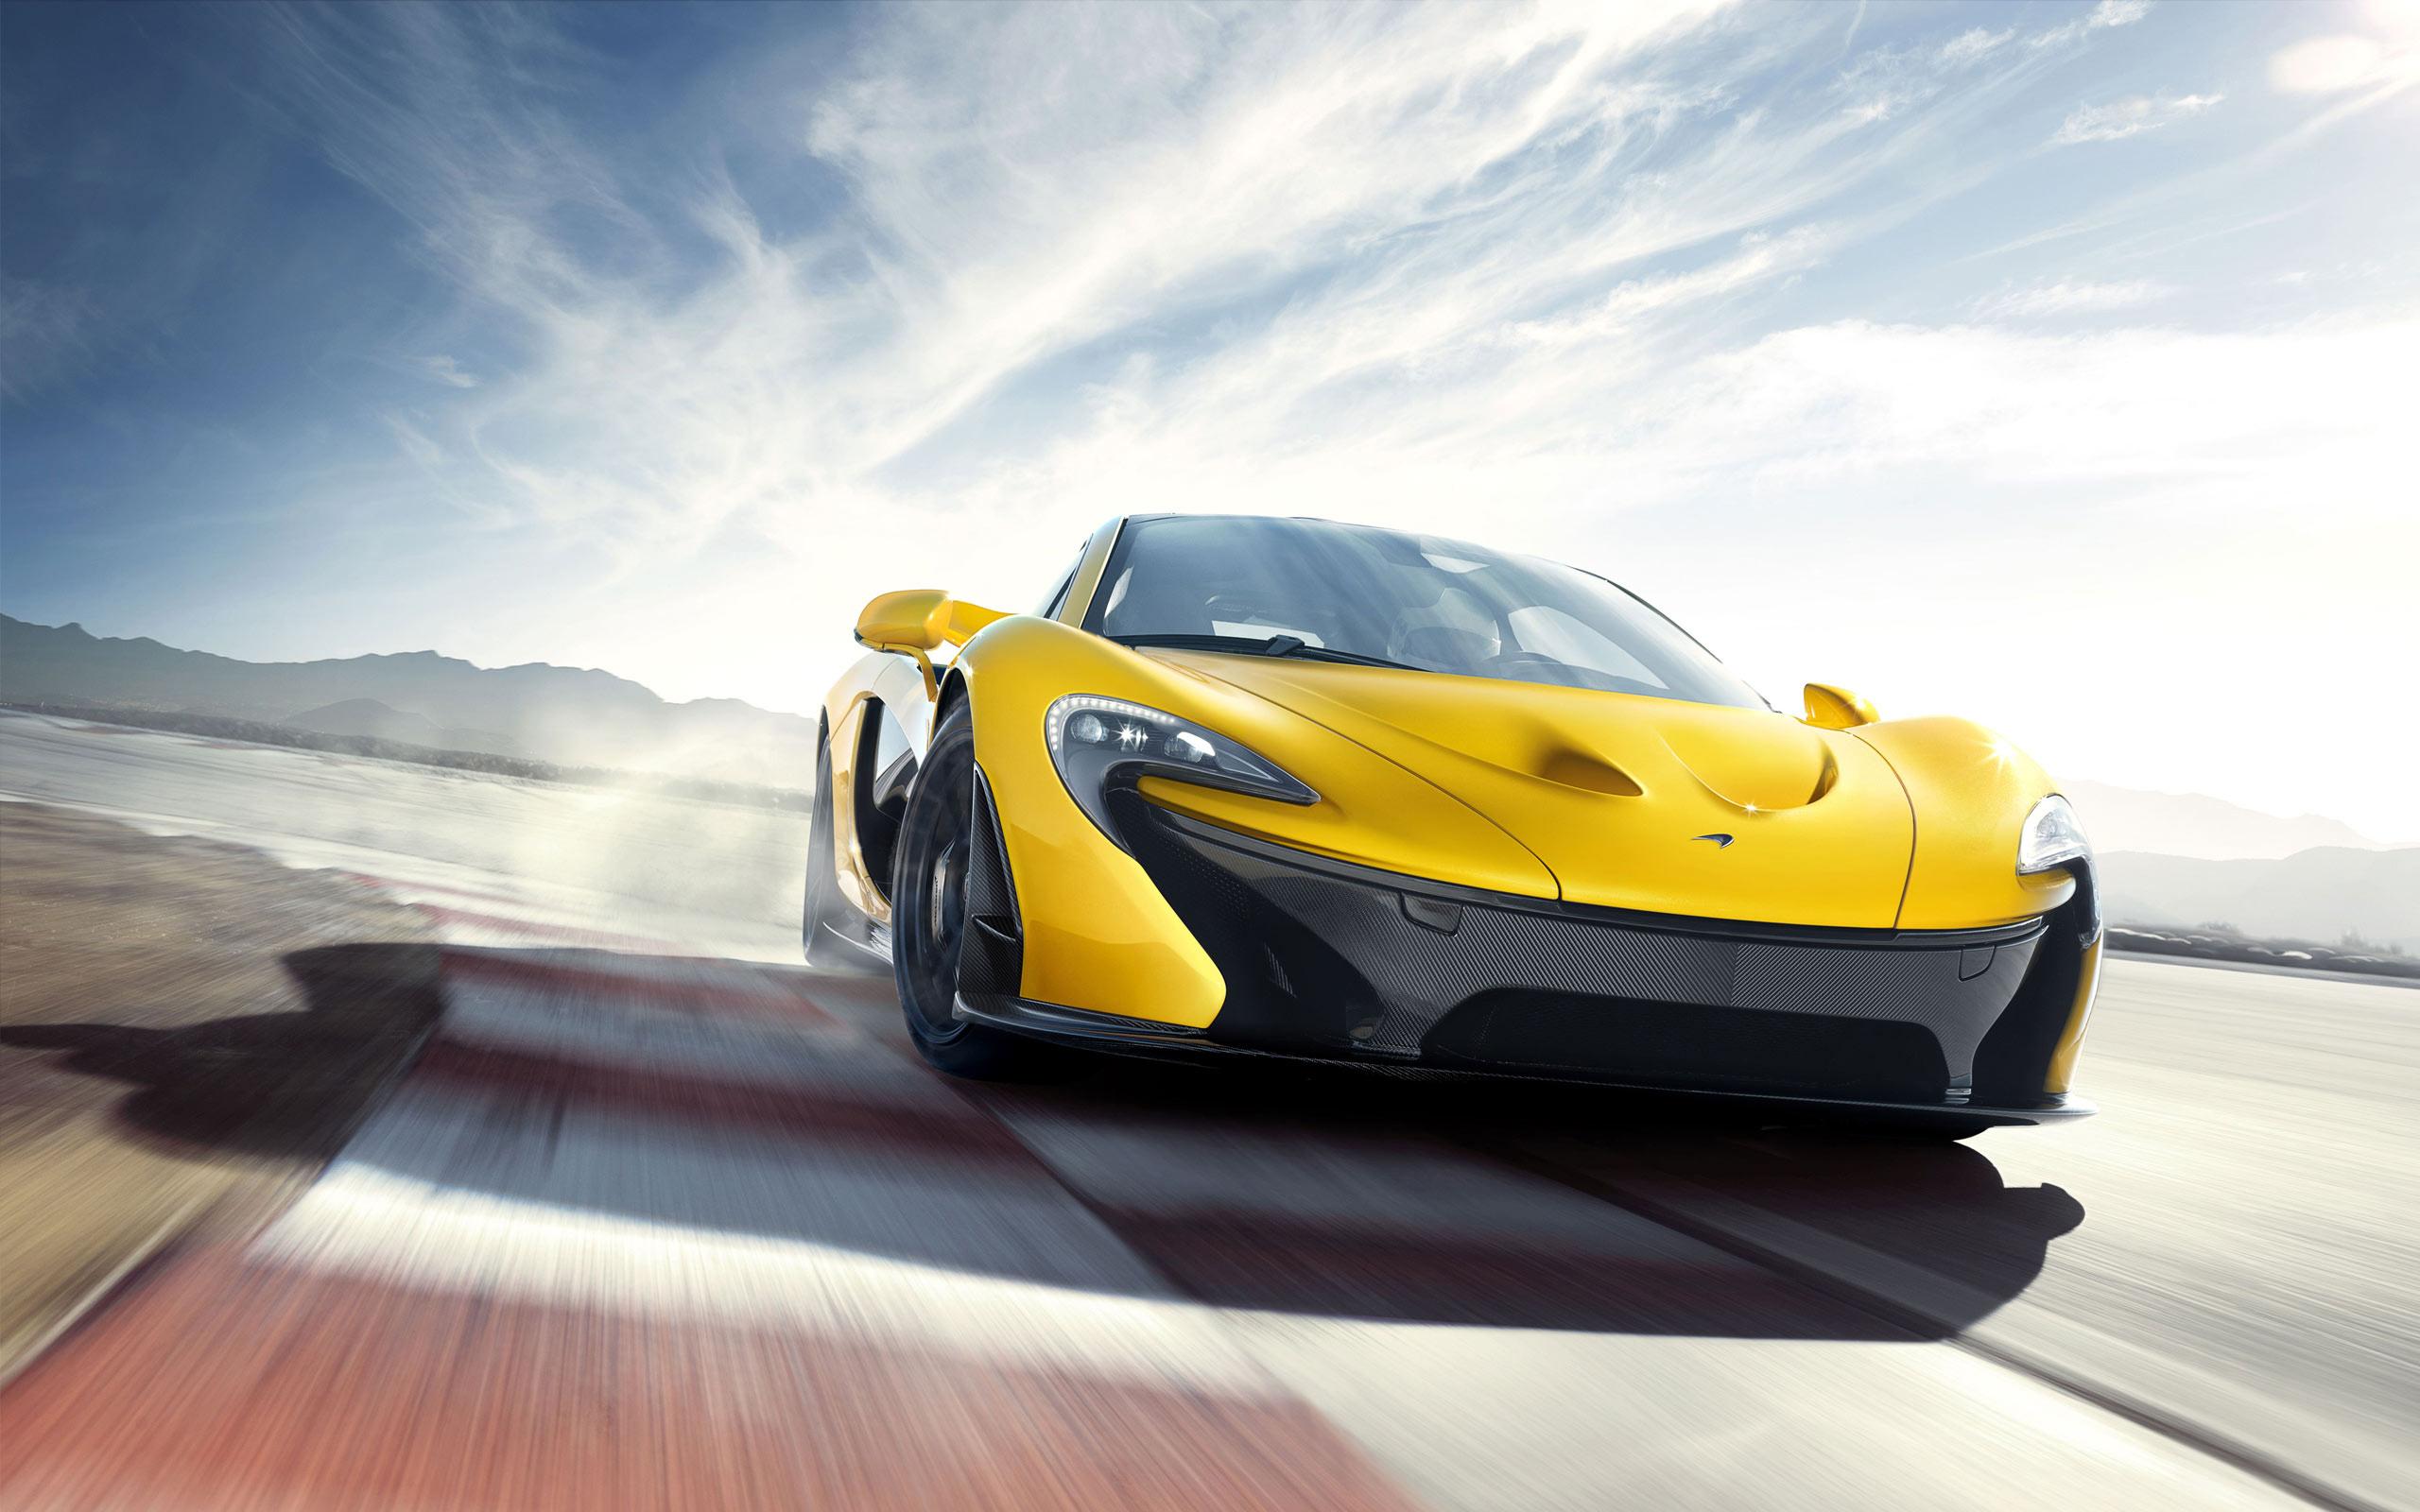 McLaren P1 Hypercar Drifting Wallpaper - HD